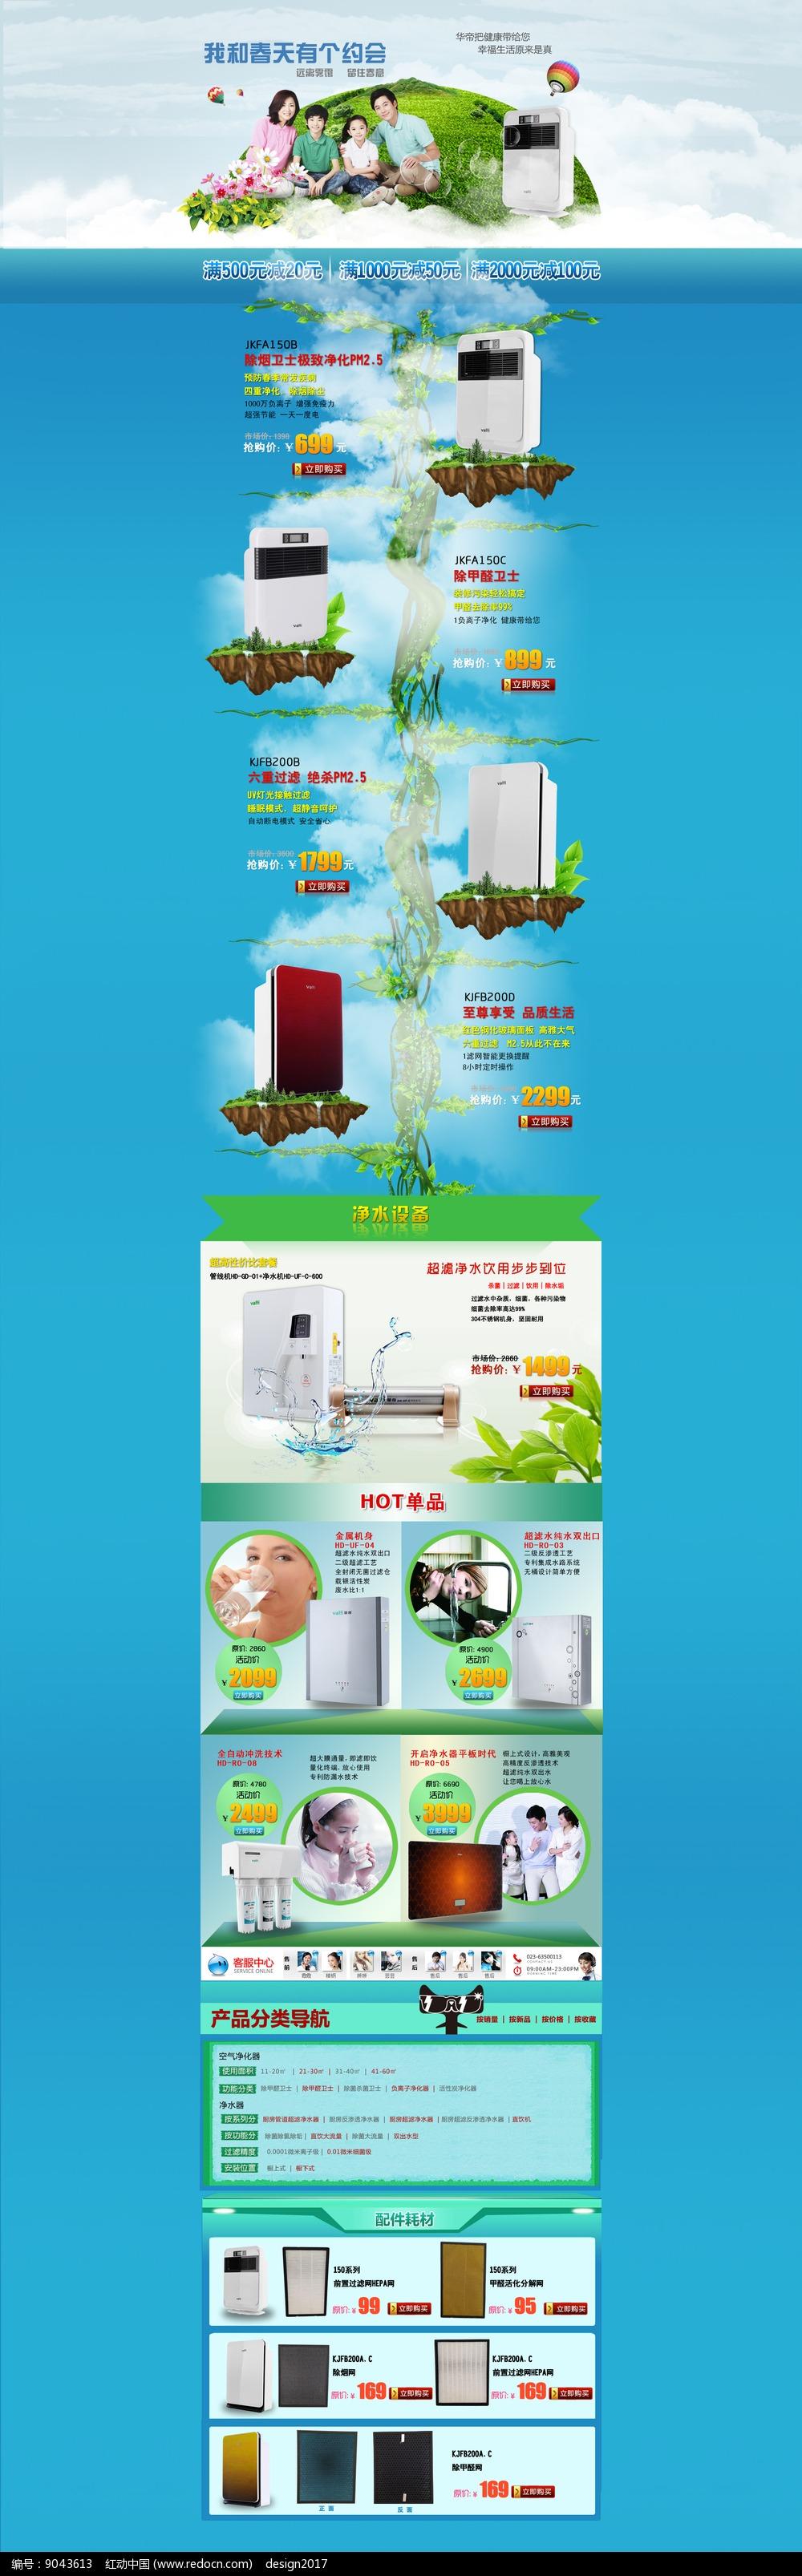 华帝电器网店促销宣传网页PSD图片